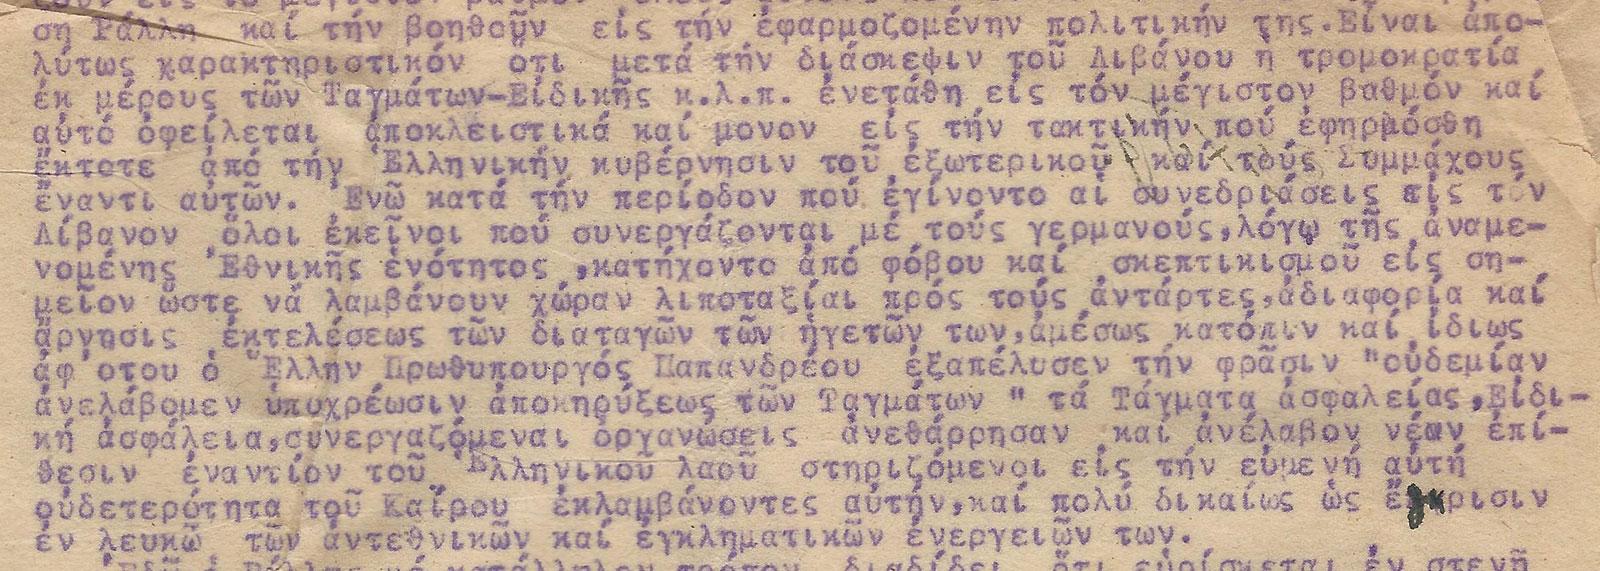 tagma-asfaleias-1944-03